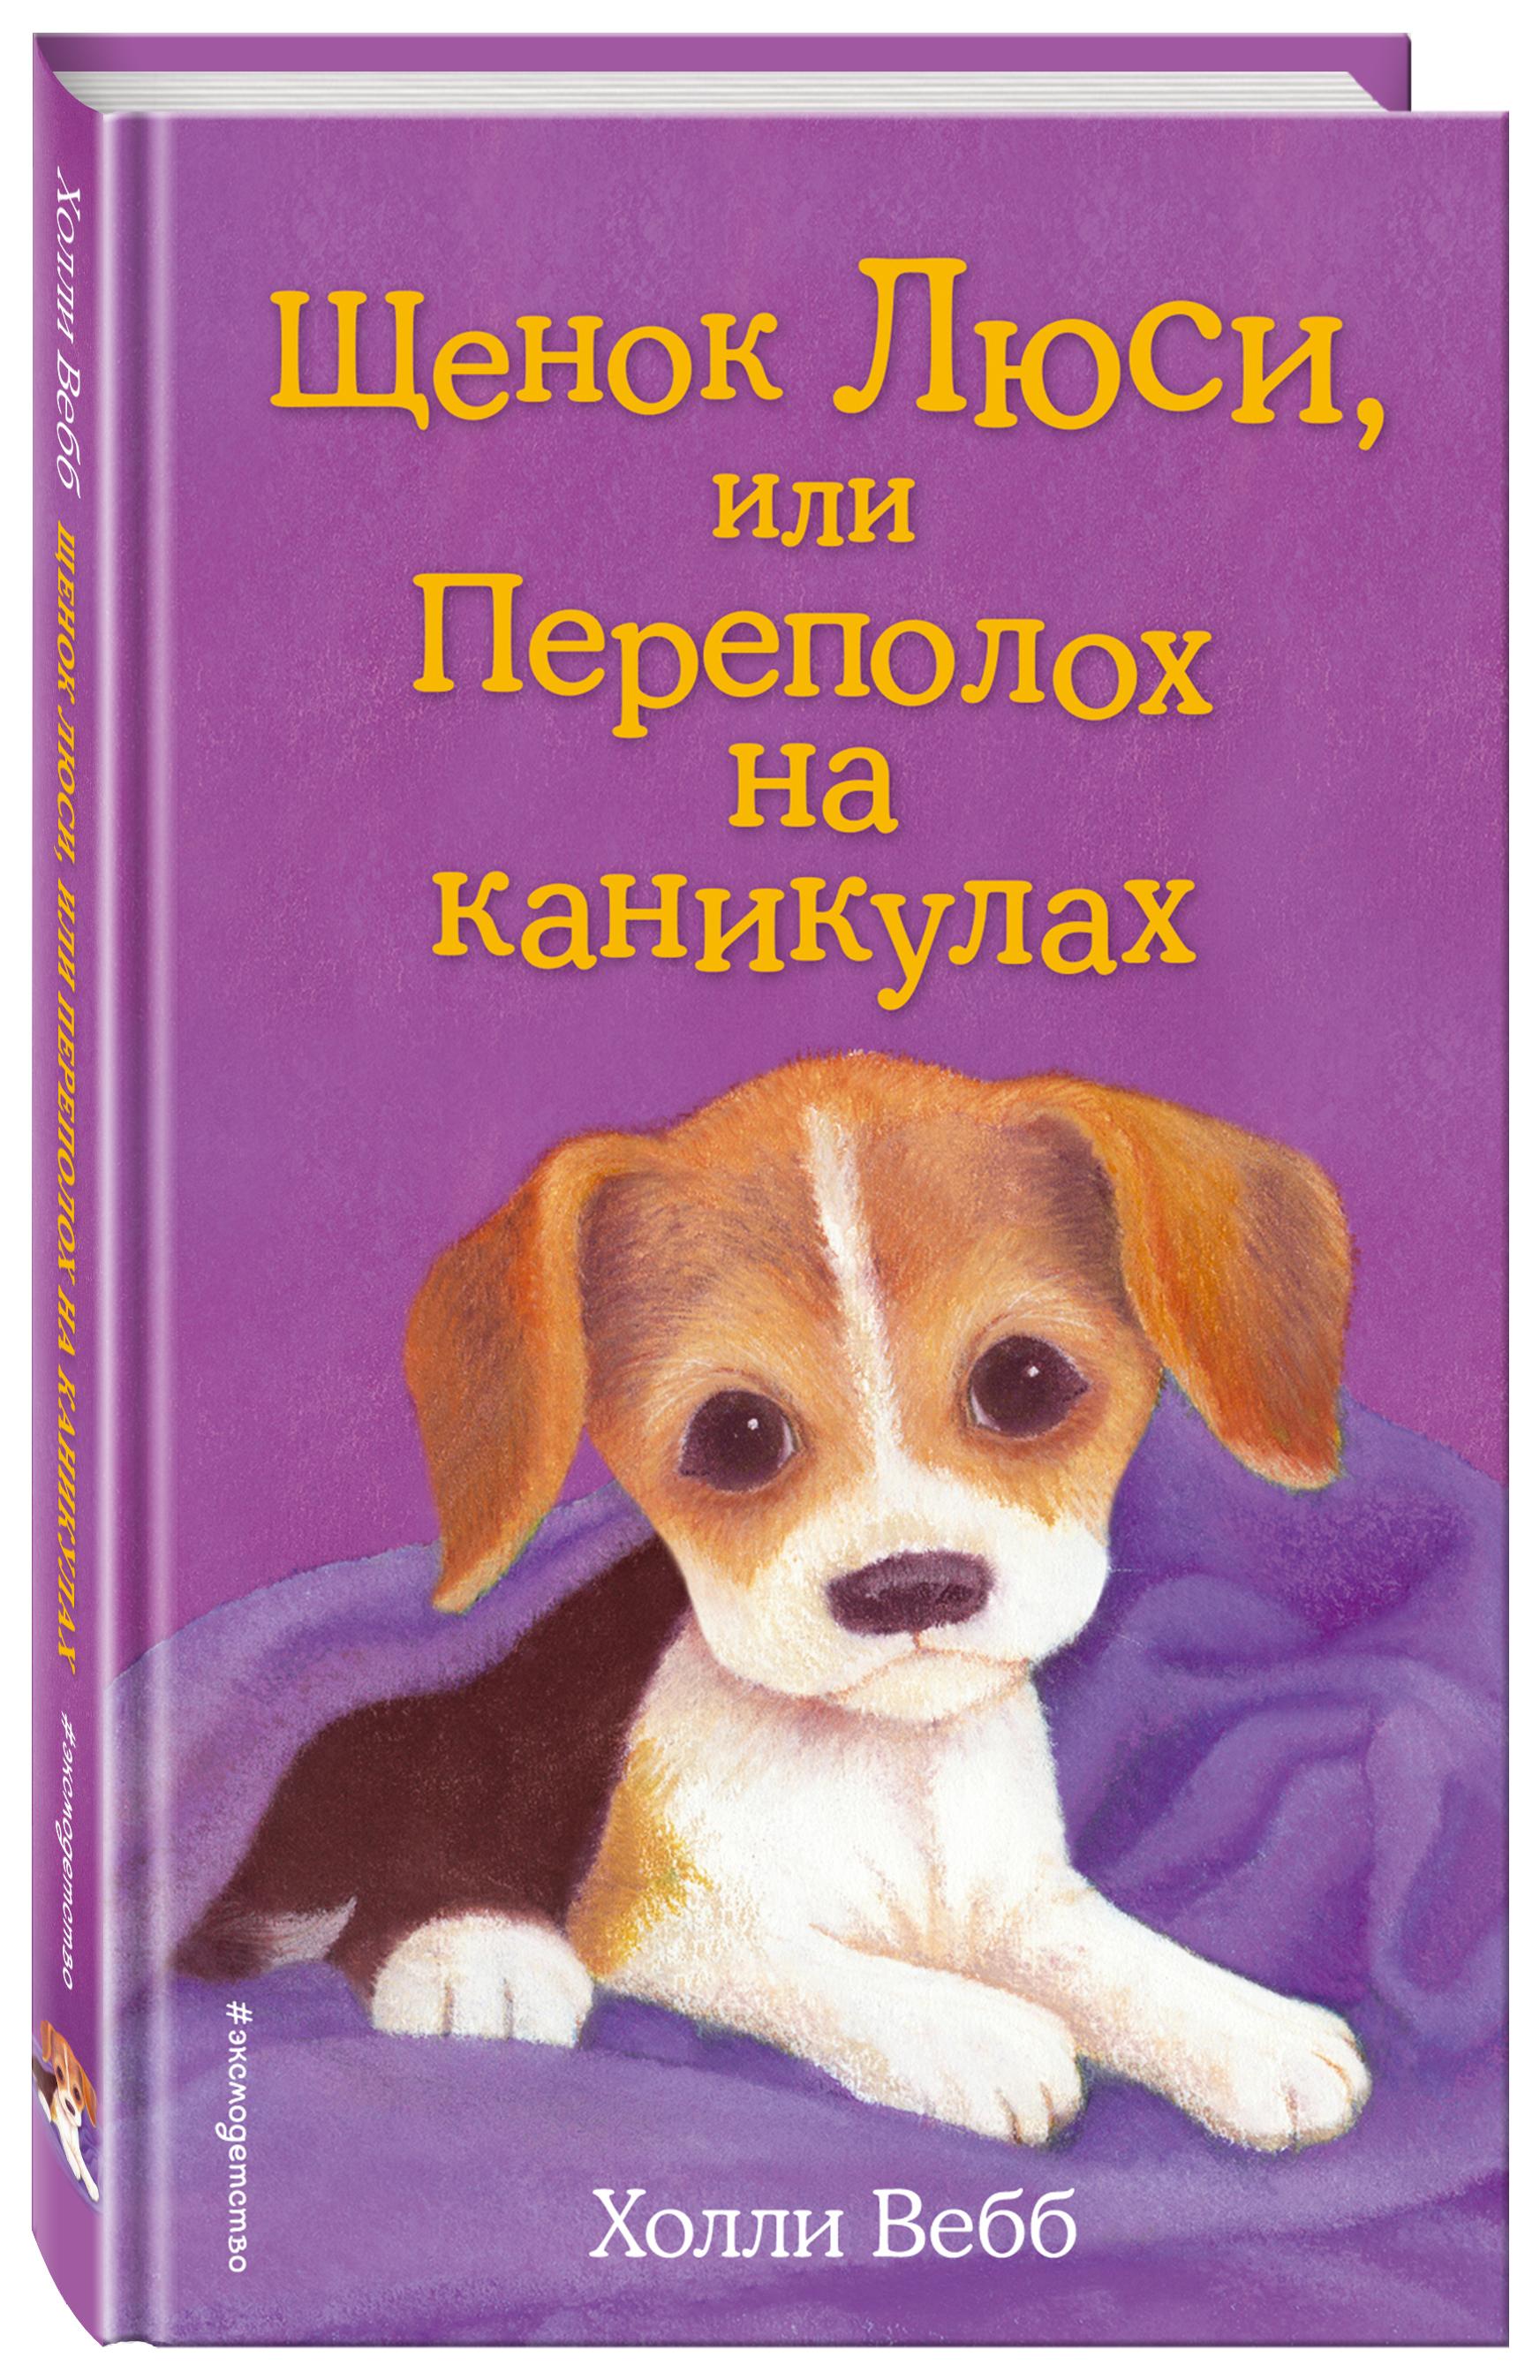 Холли Вебб Щенок Люси, или Переполох на каникулах (выпуск 32) вебб холли щенок рина или таинственное путешествие